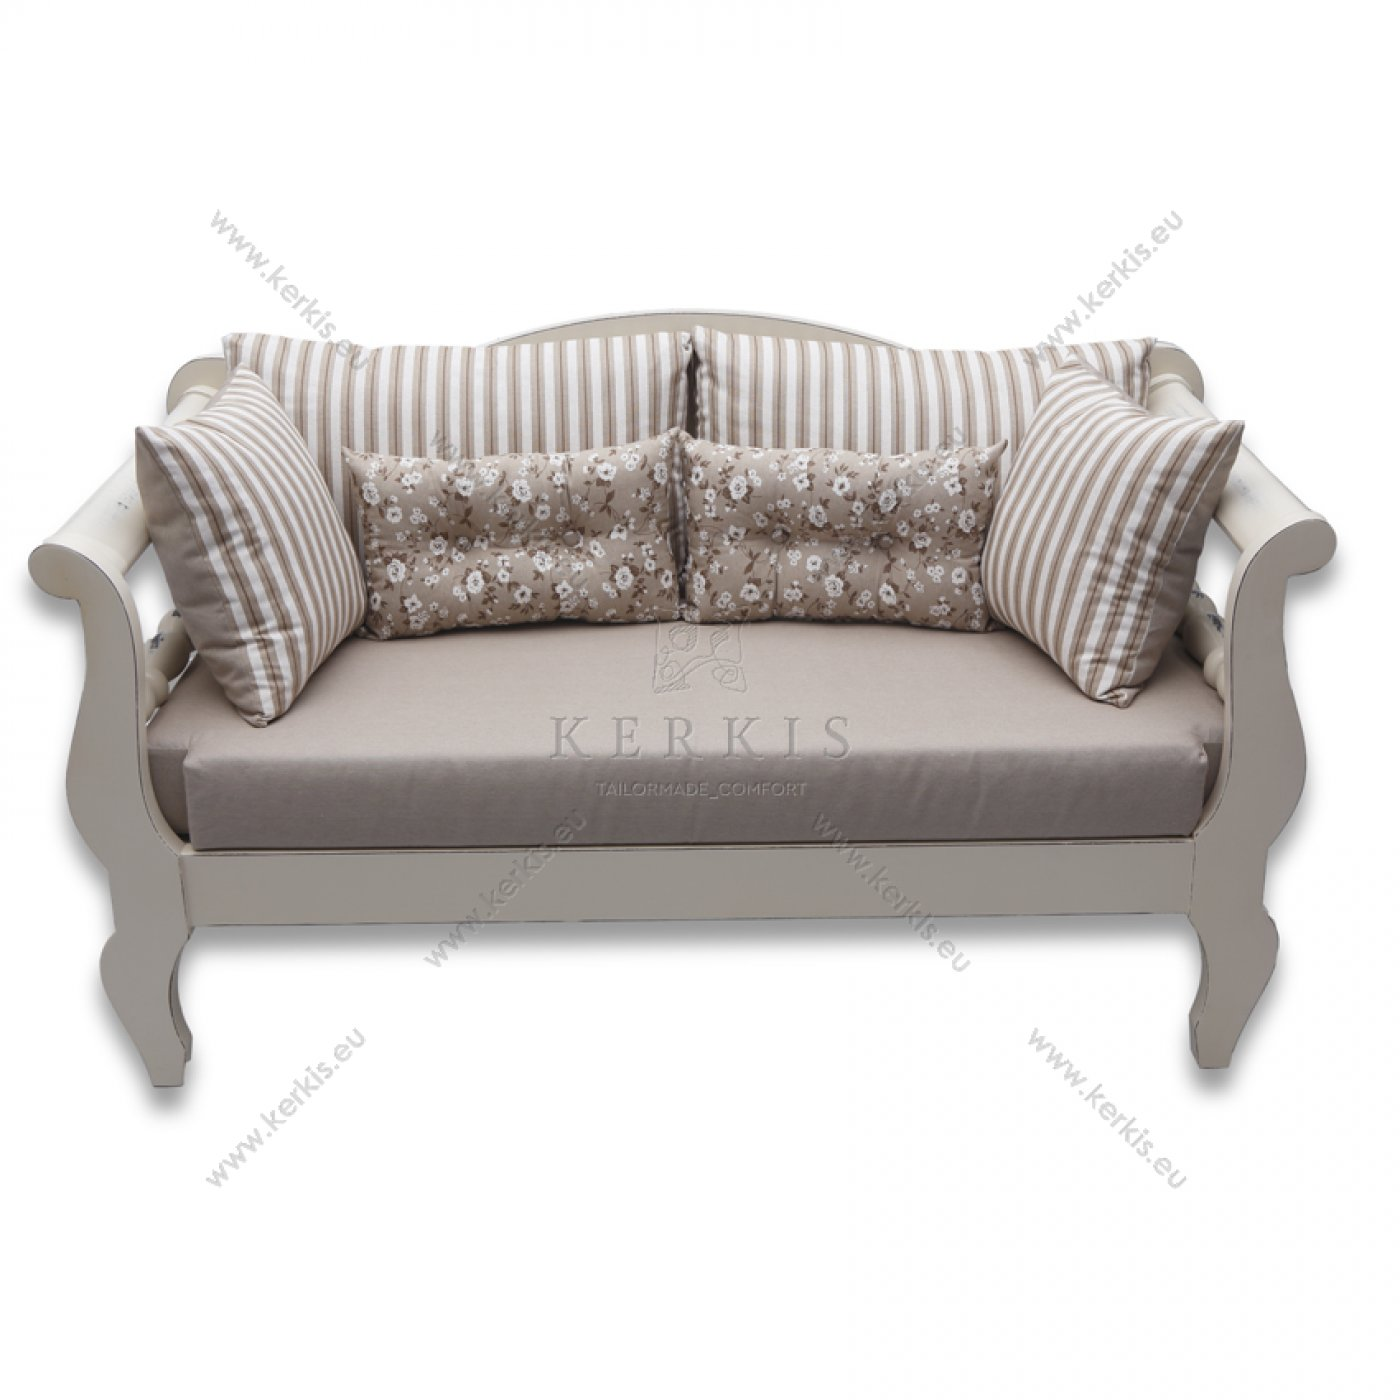 Μαξιλάρια για ξύλινους καναπέδες και διακοσμητικά μαξιλάρια